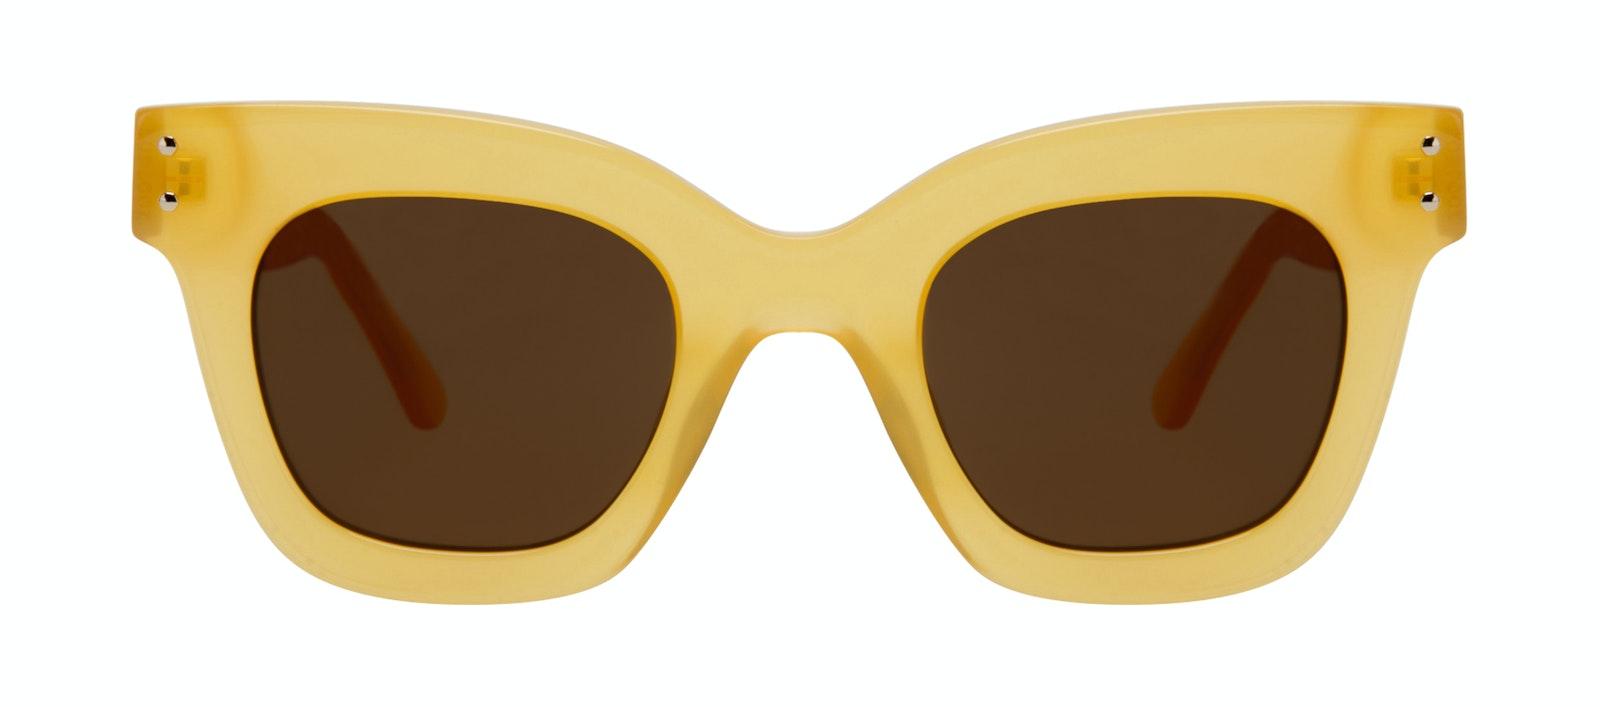 Lunettes tendance Carrée Lunettes de soleil Femmes Fever Lemon Face